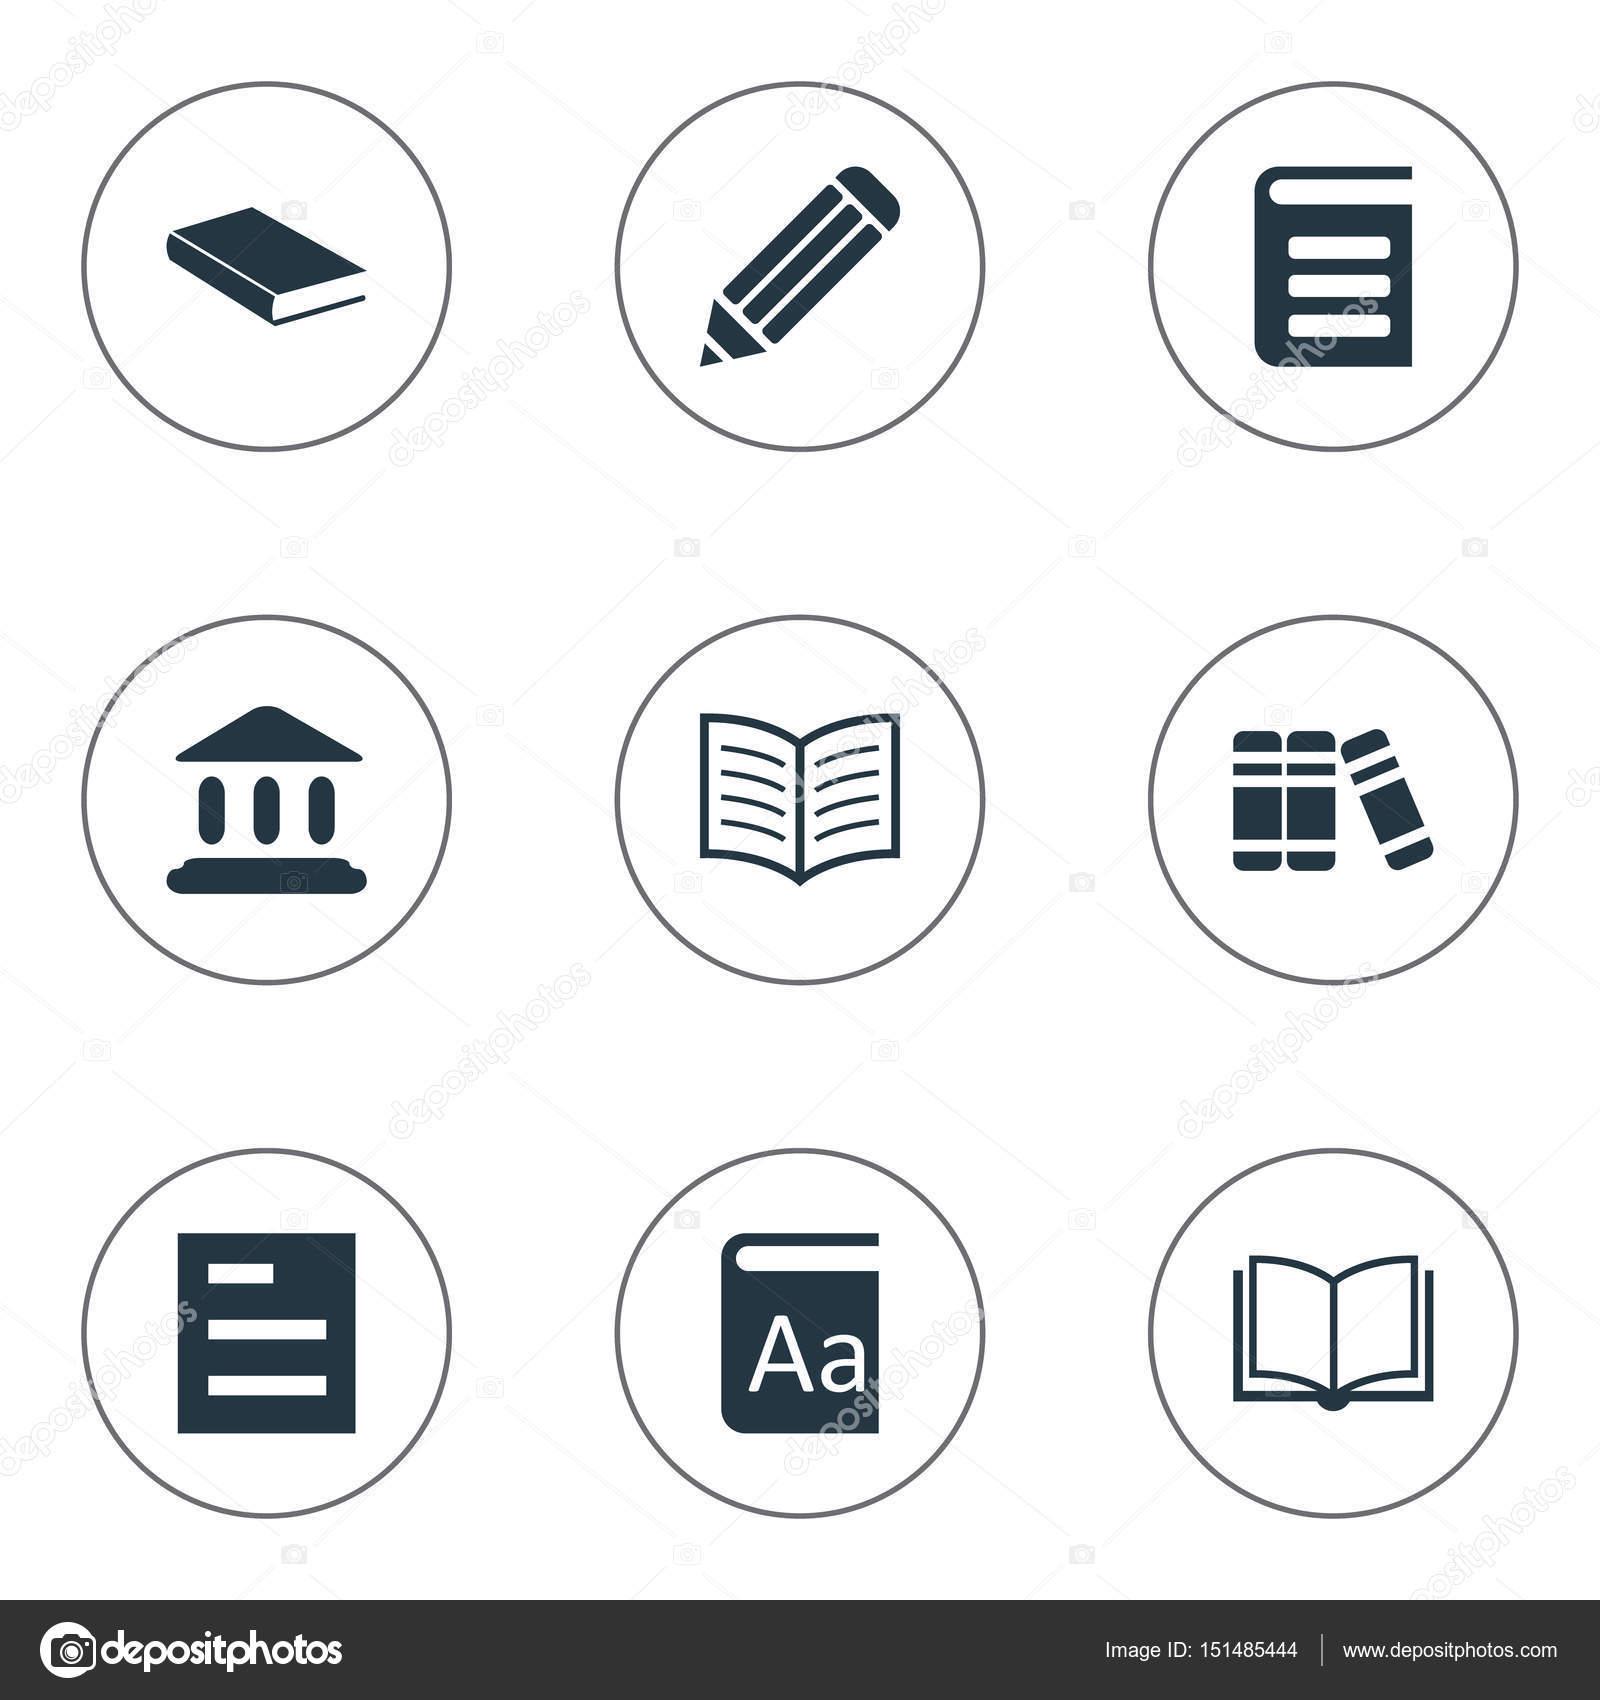 簡単な書籍のアイコンのベクトル イラスト セット要素を備えたページ